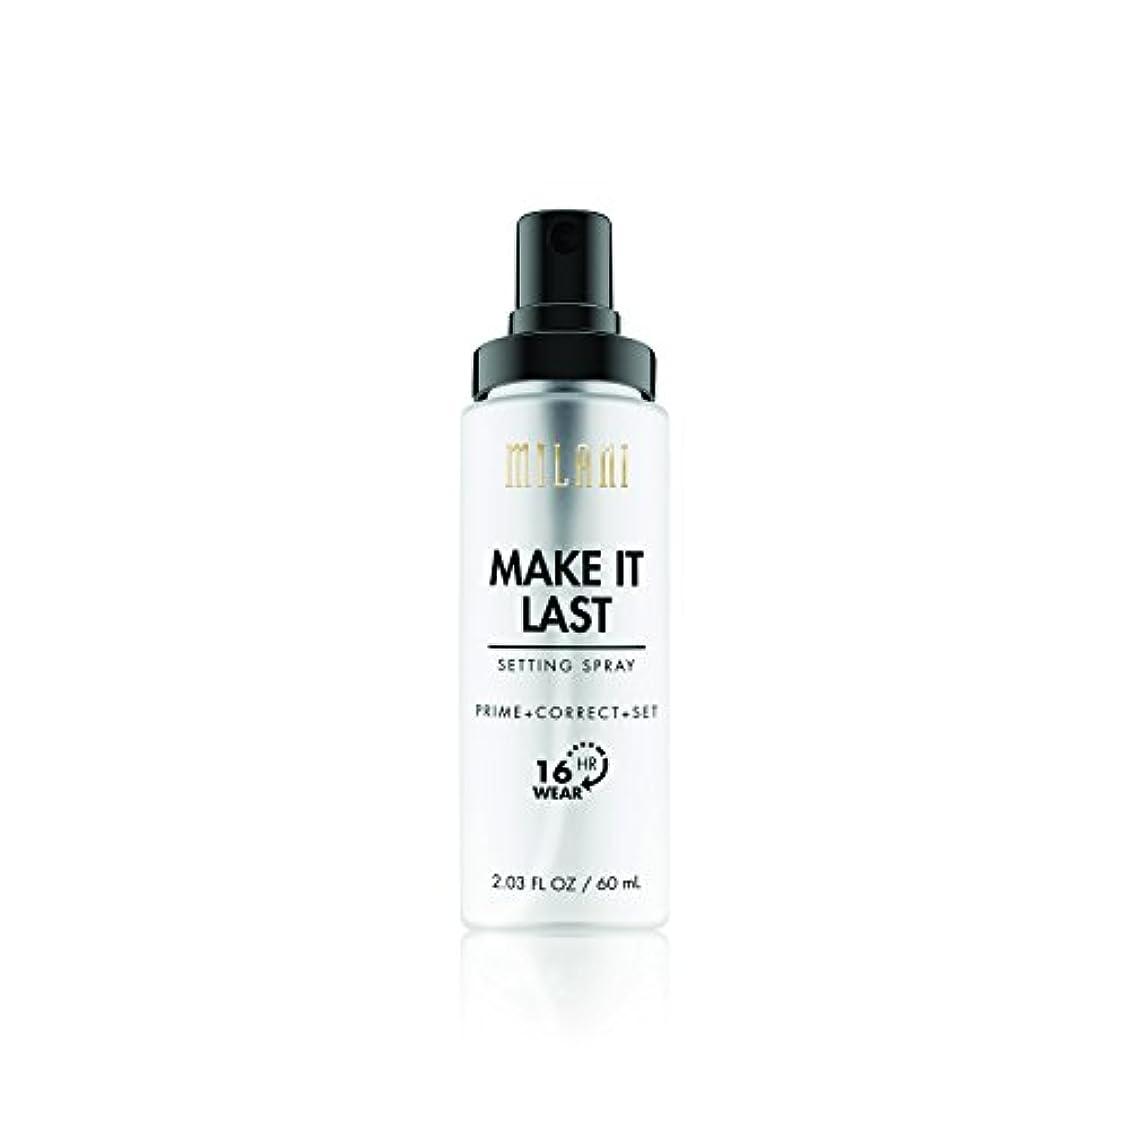 あごひげ昨日受け継ぐMILANI Make It Last Setting Spray - Prime + Correct + Set (並行輸入品)